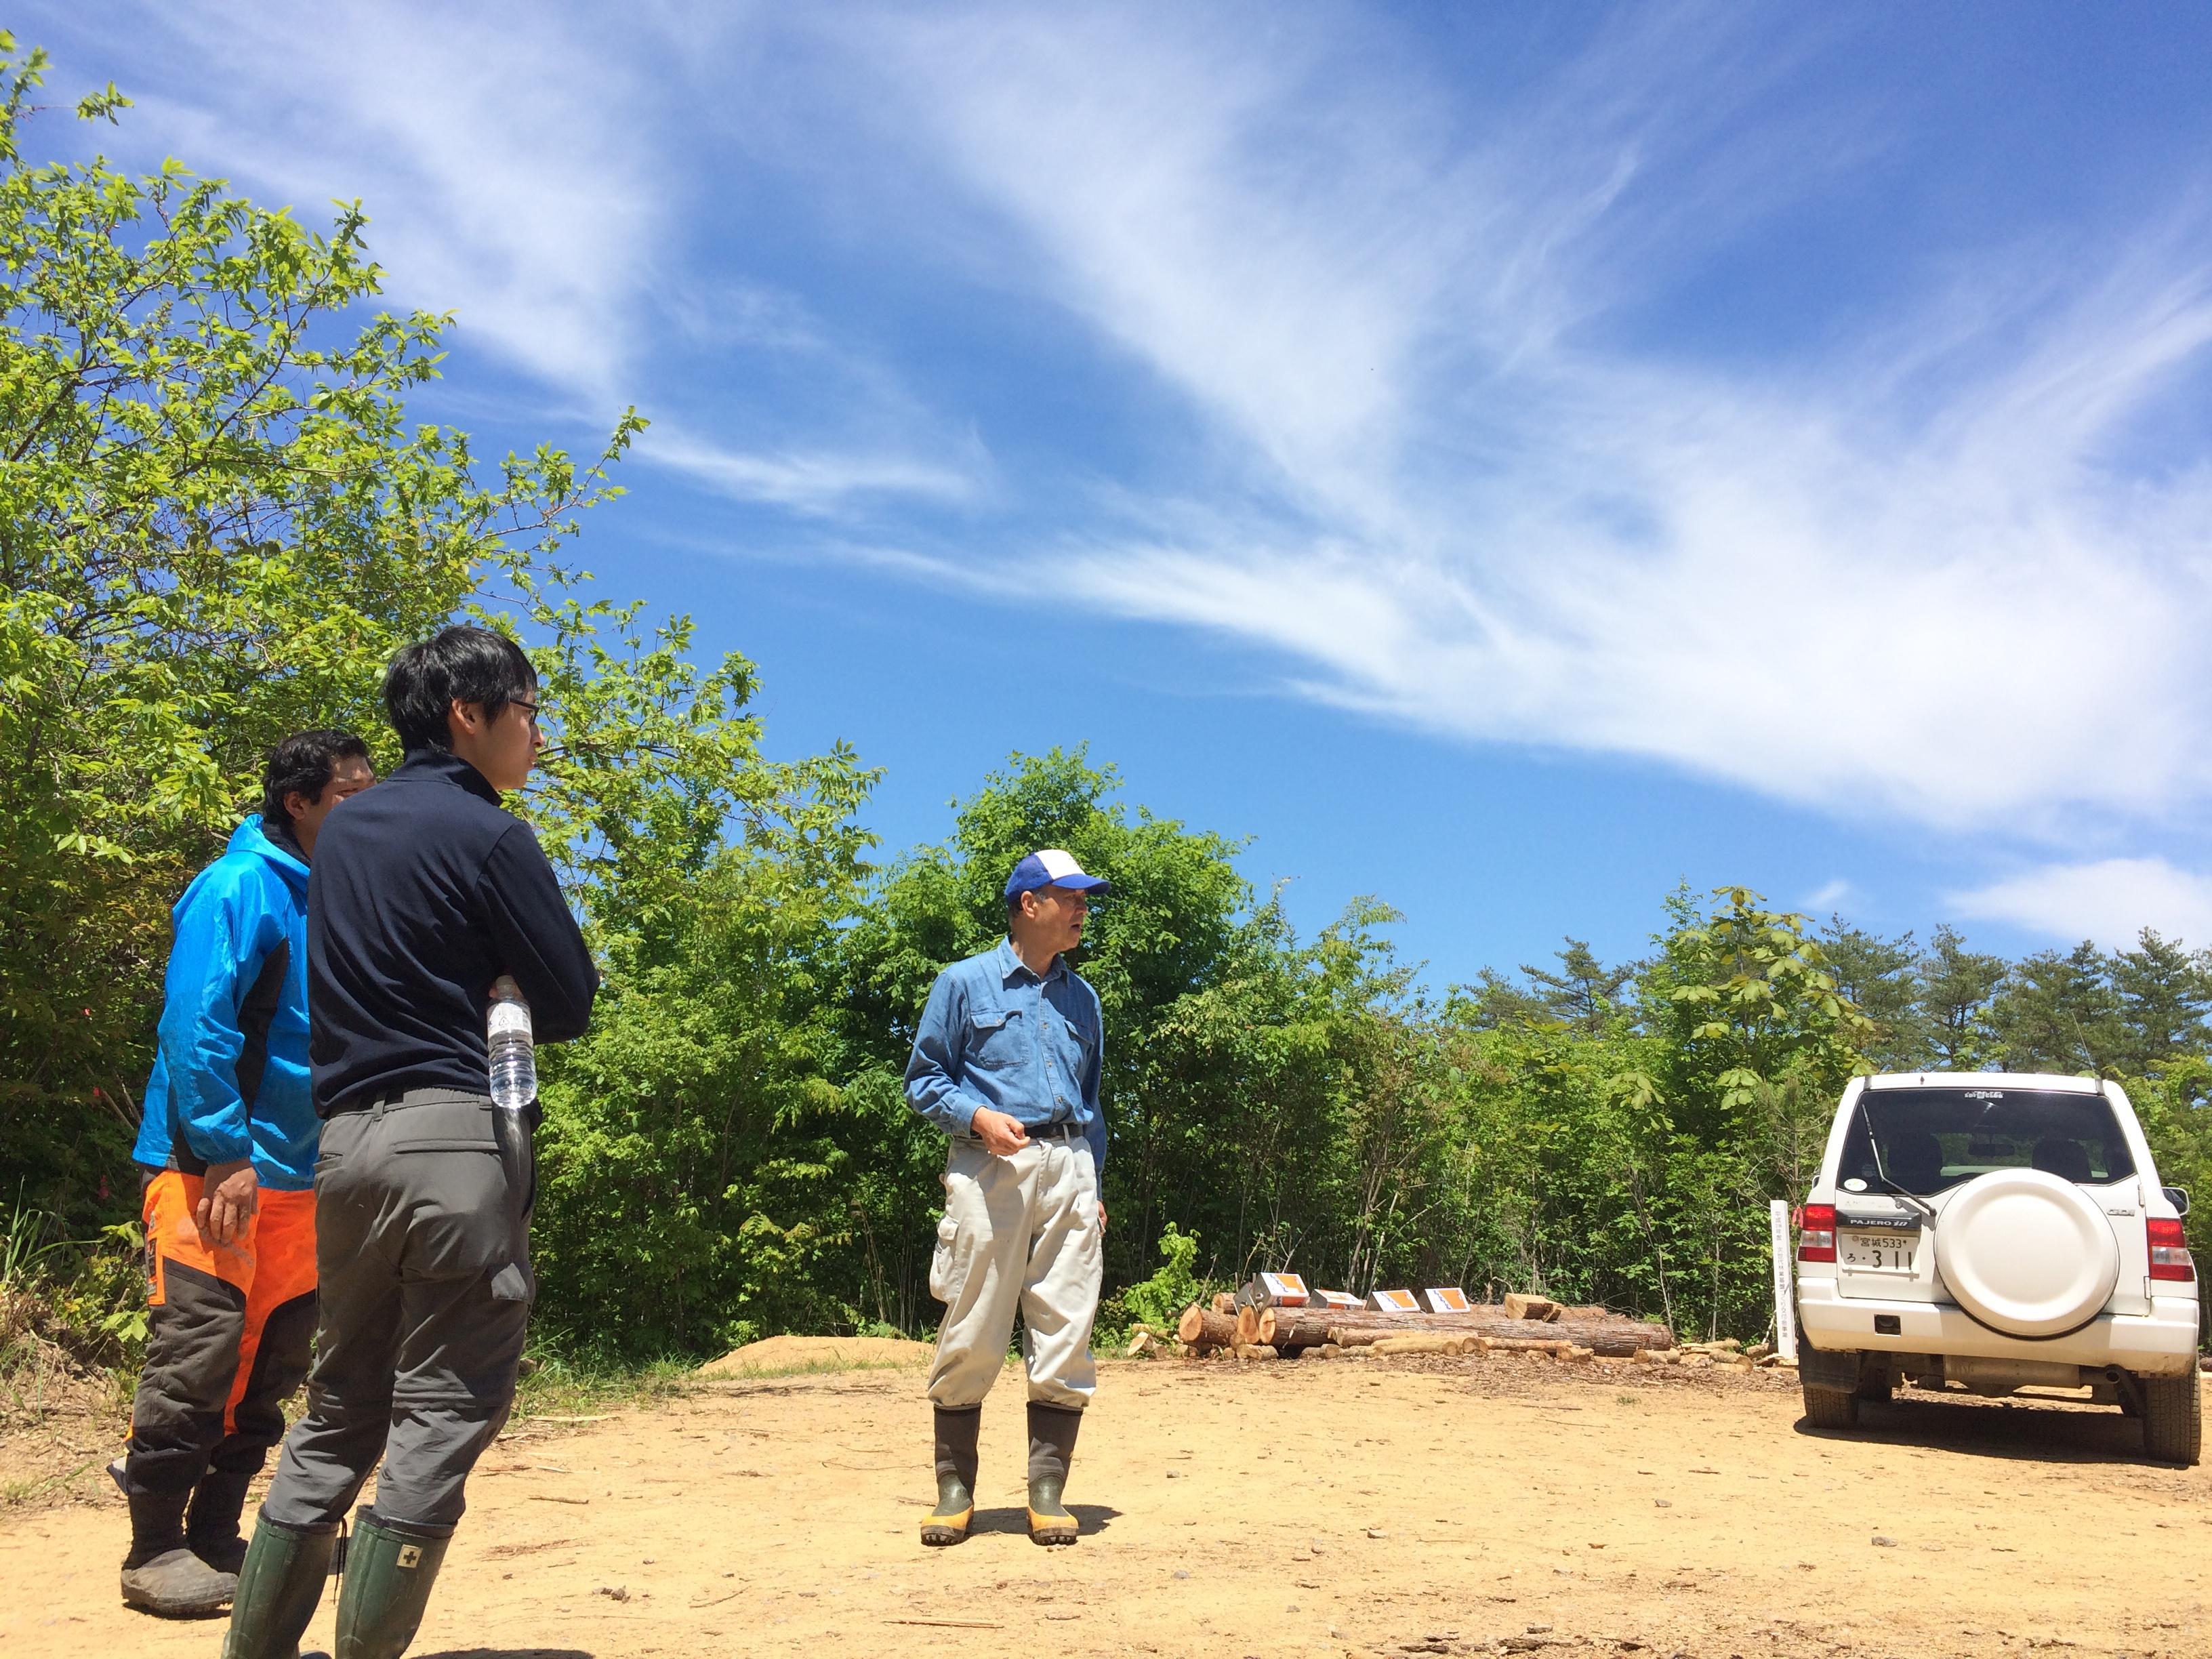 東北は次の一歩へ─「リアスの森応援隊」と「気仙沼地域エネルギー開発」